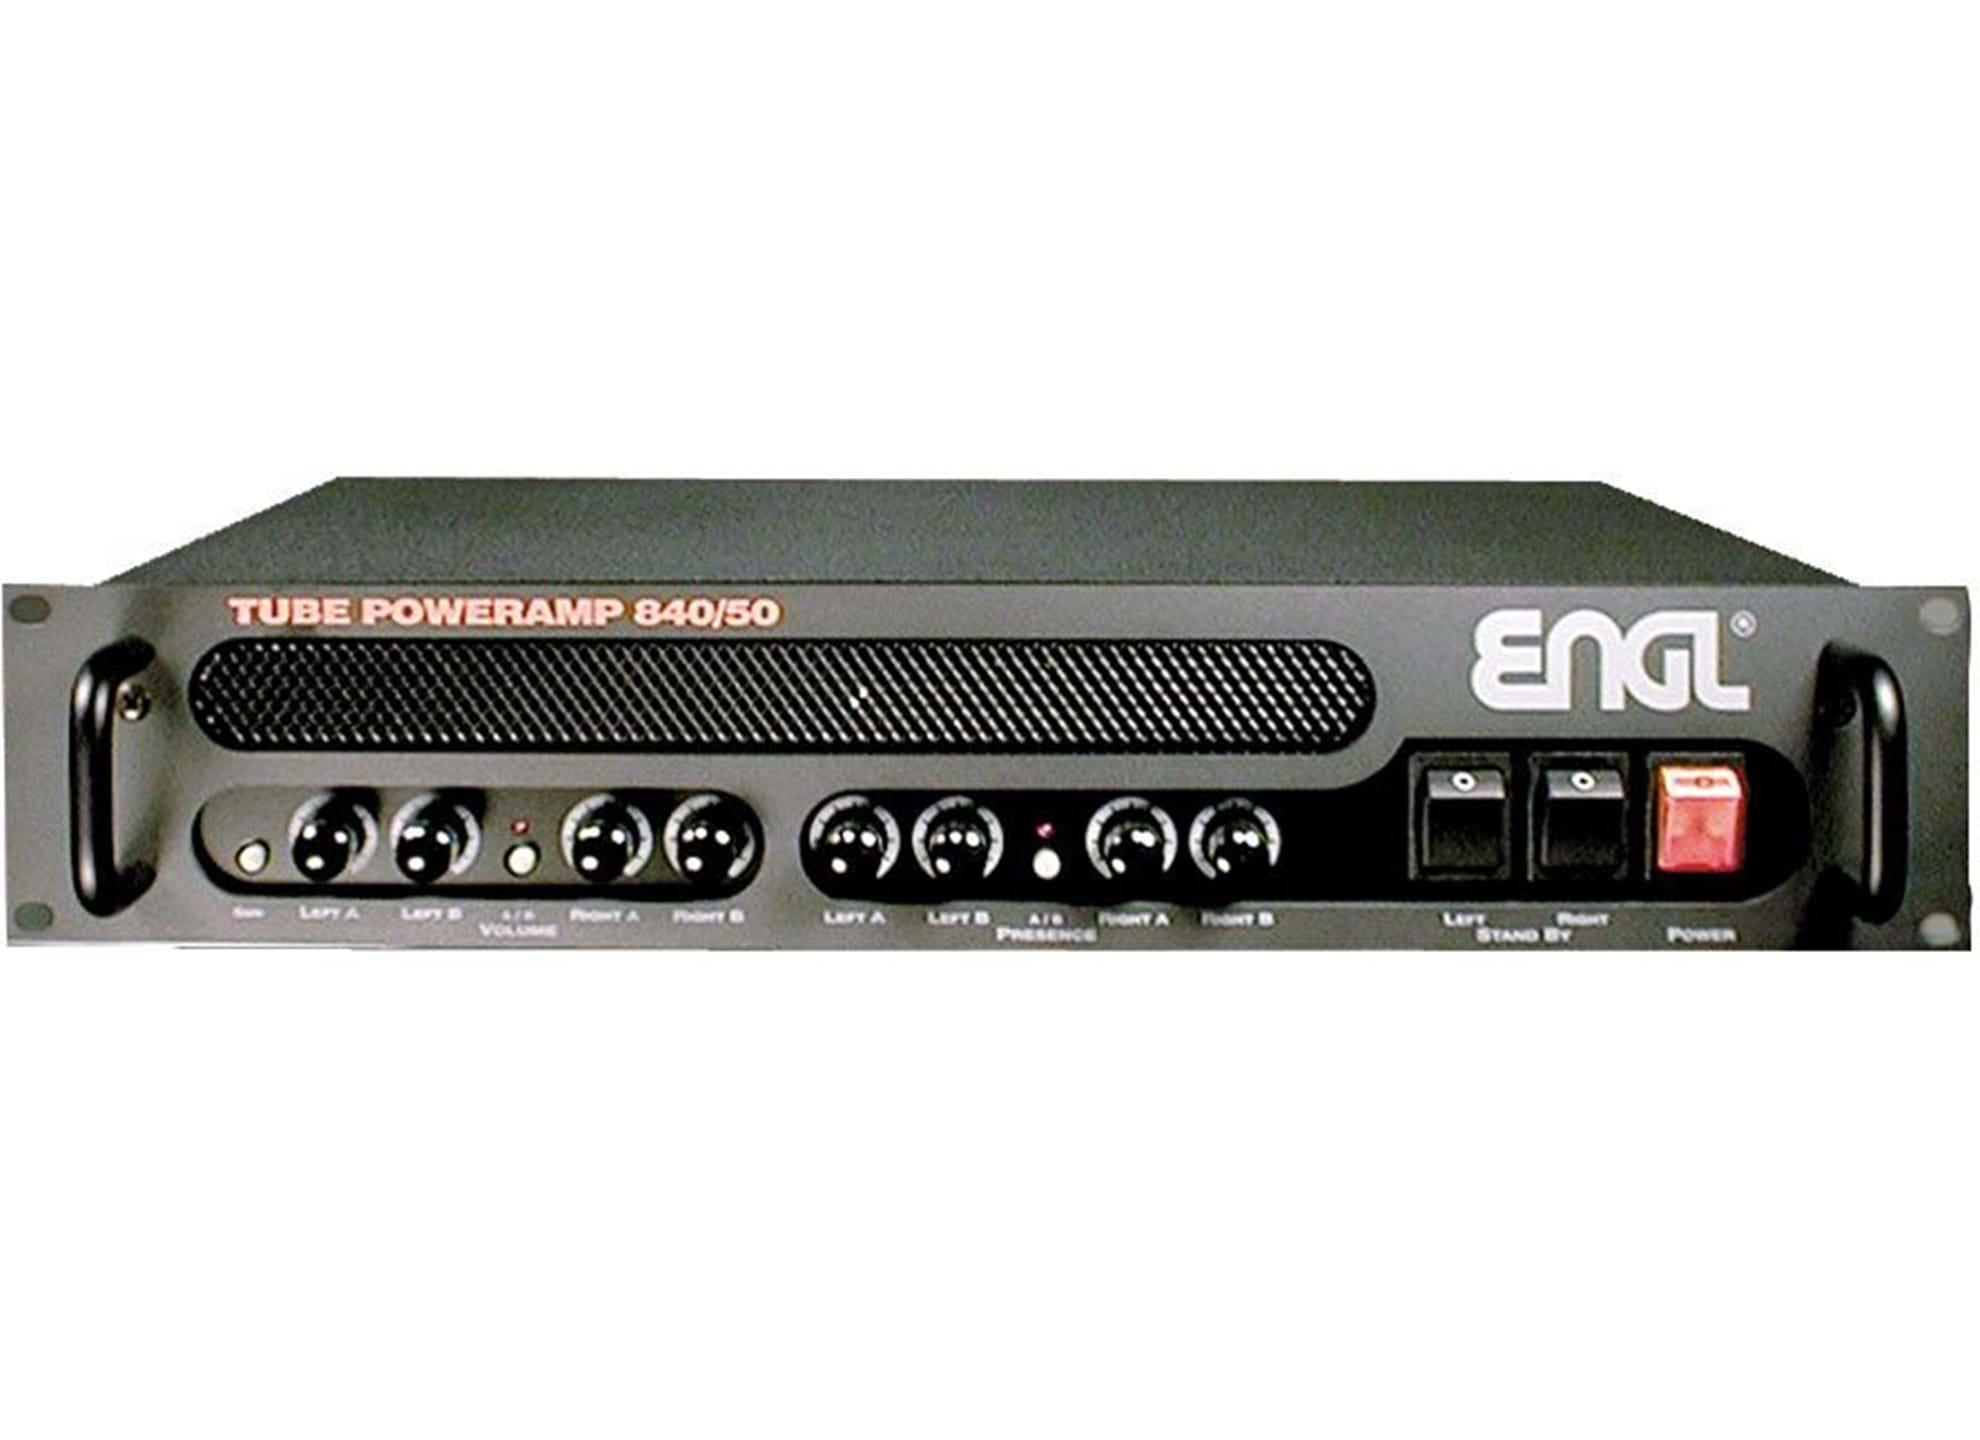 E-840/50 Tube Poweramp